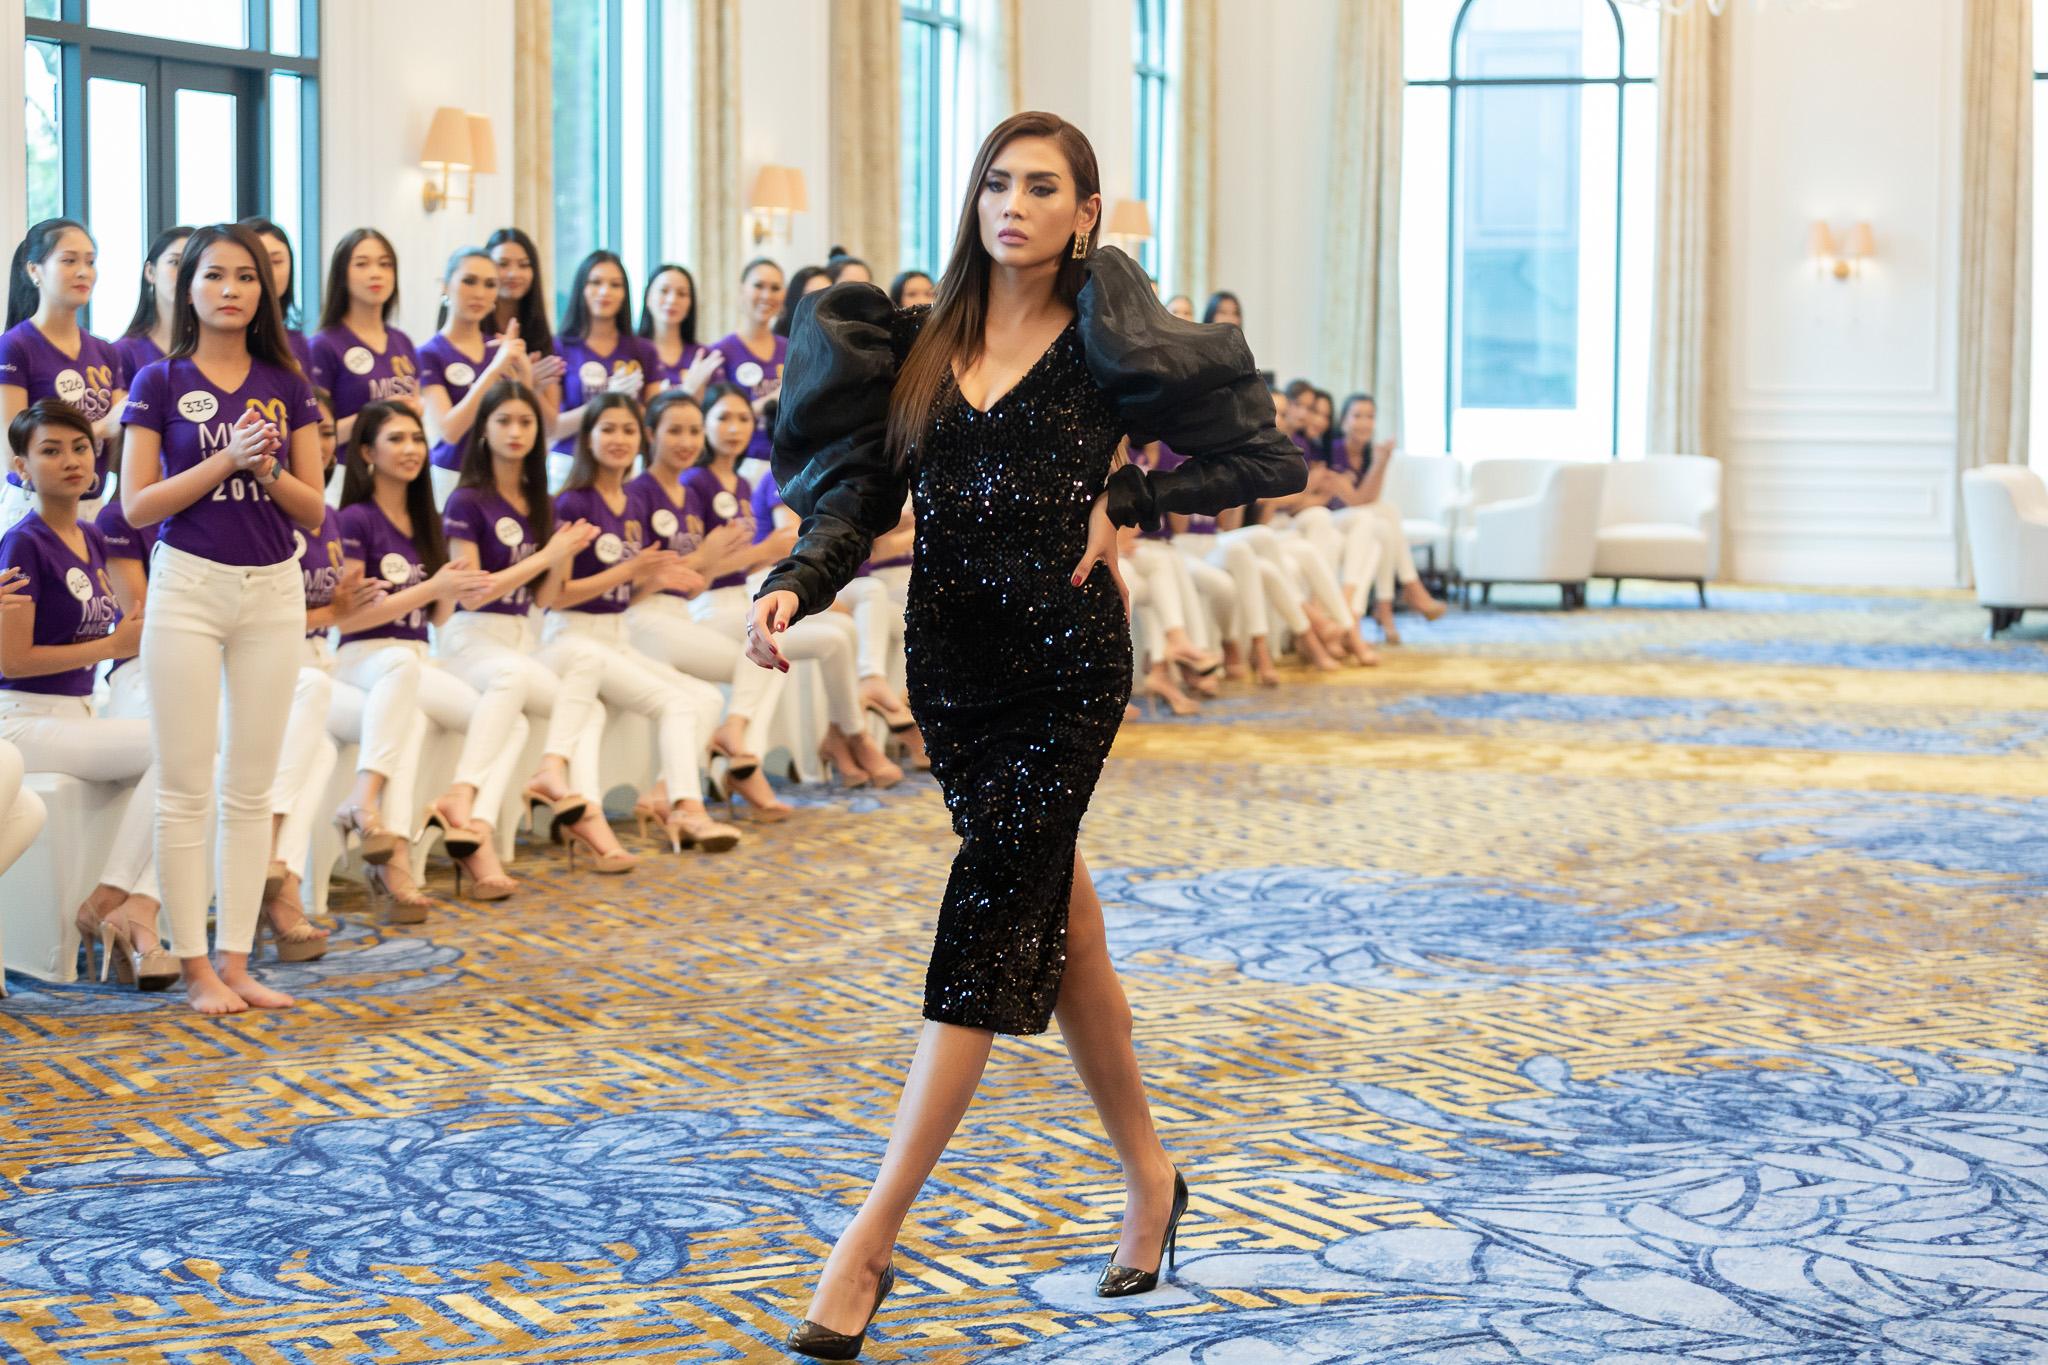 Huan luyen catwalk_Tap 2 Toi La Hoa Hau Hoan Vu Viet Nam 2019 (57)